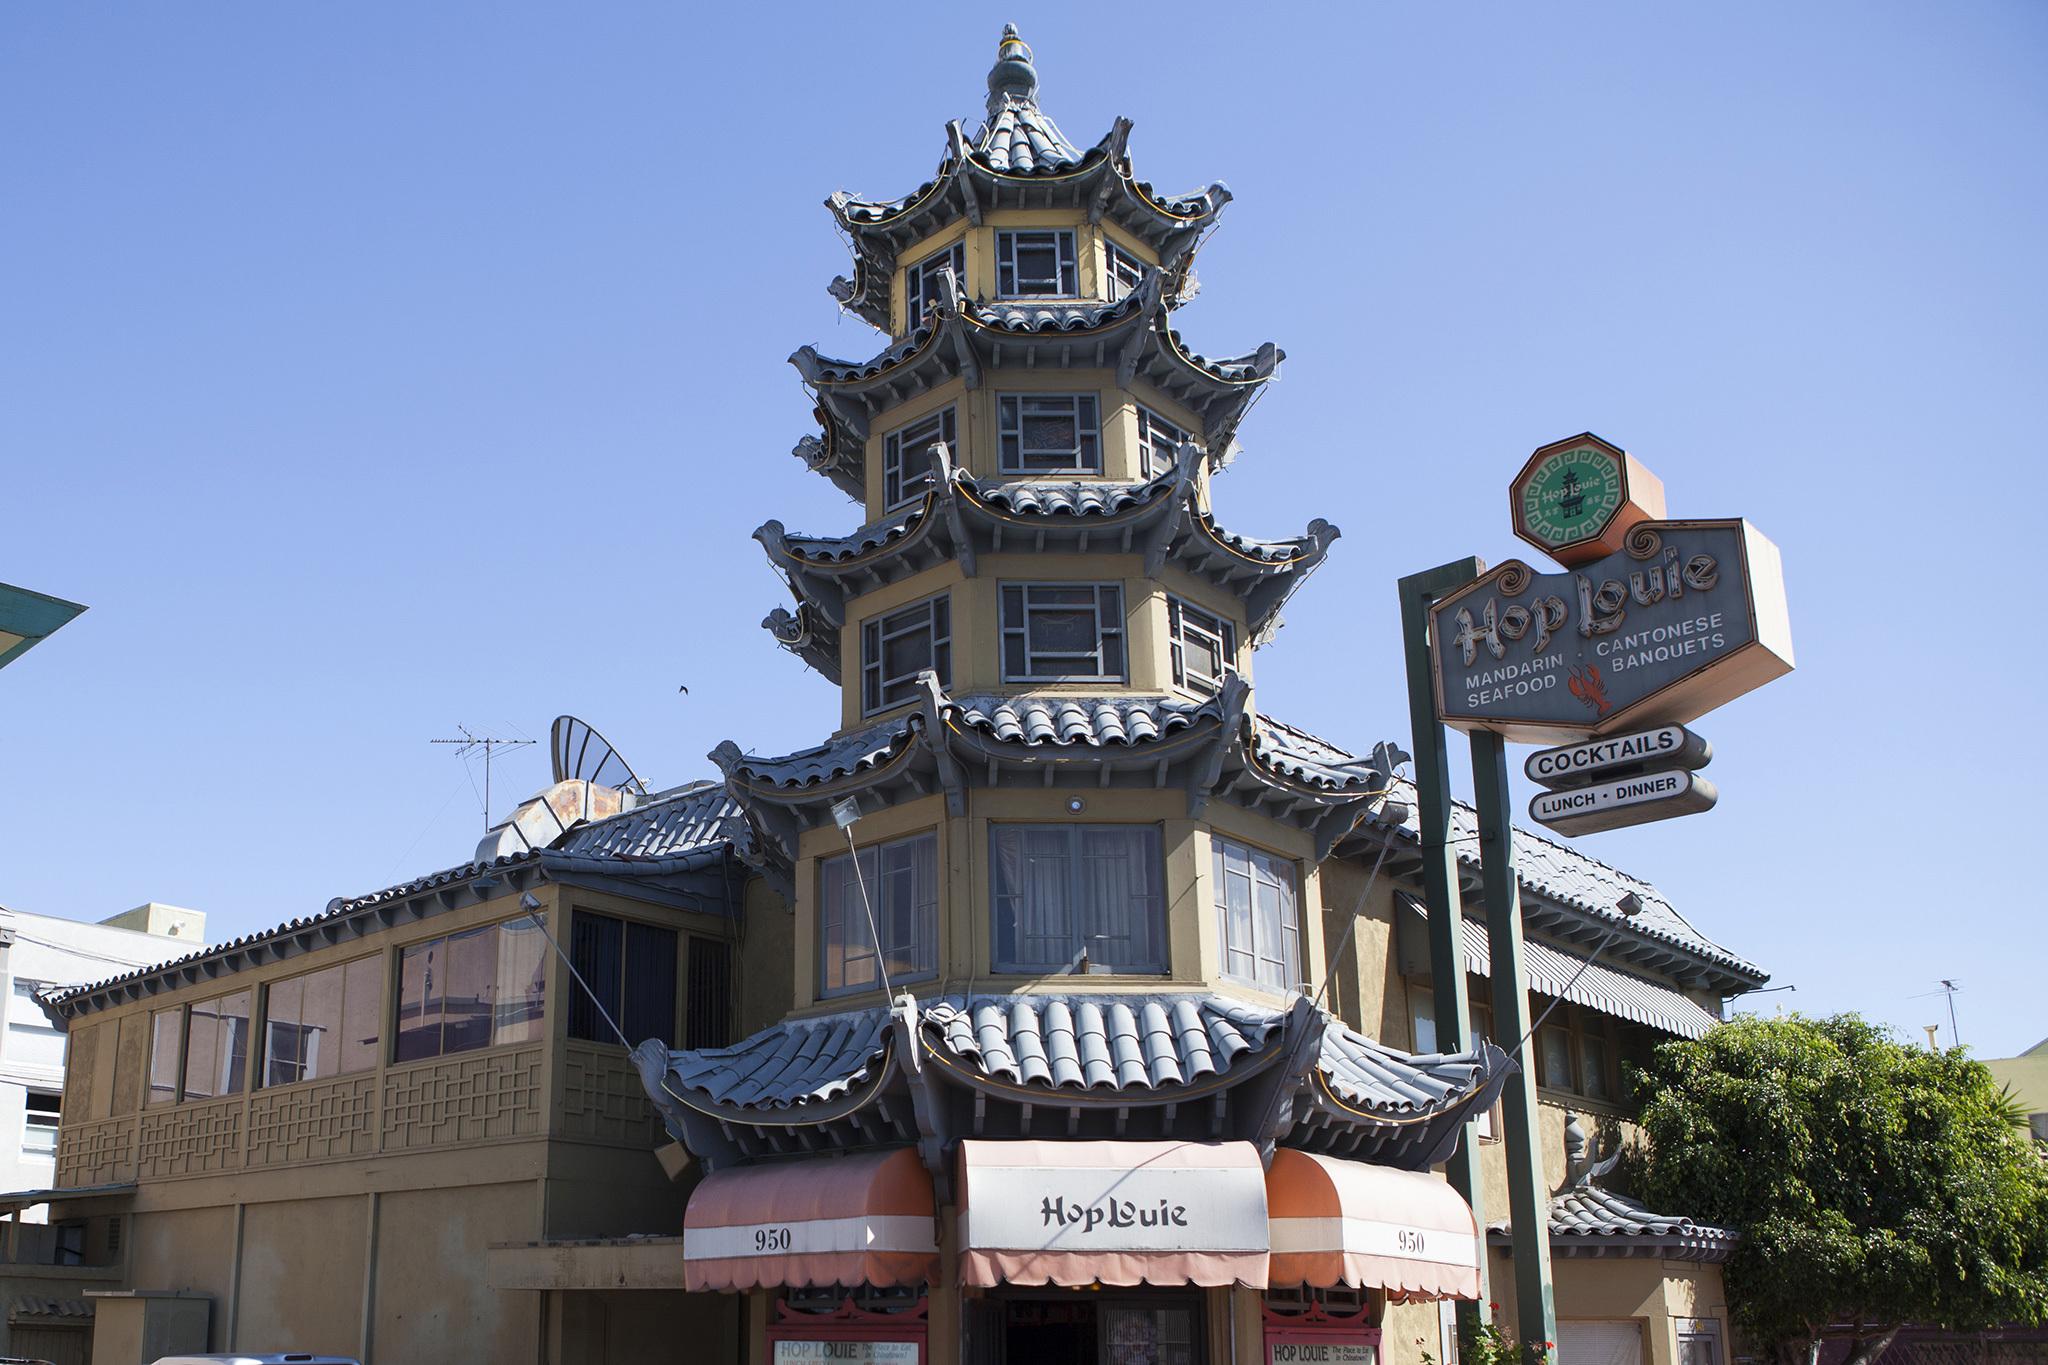 hop louie, chinatown